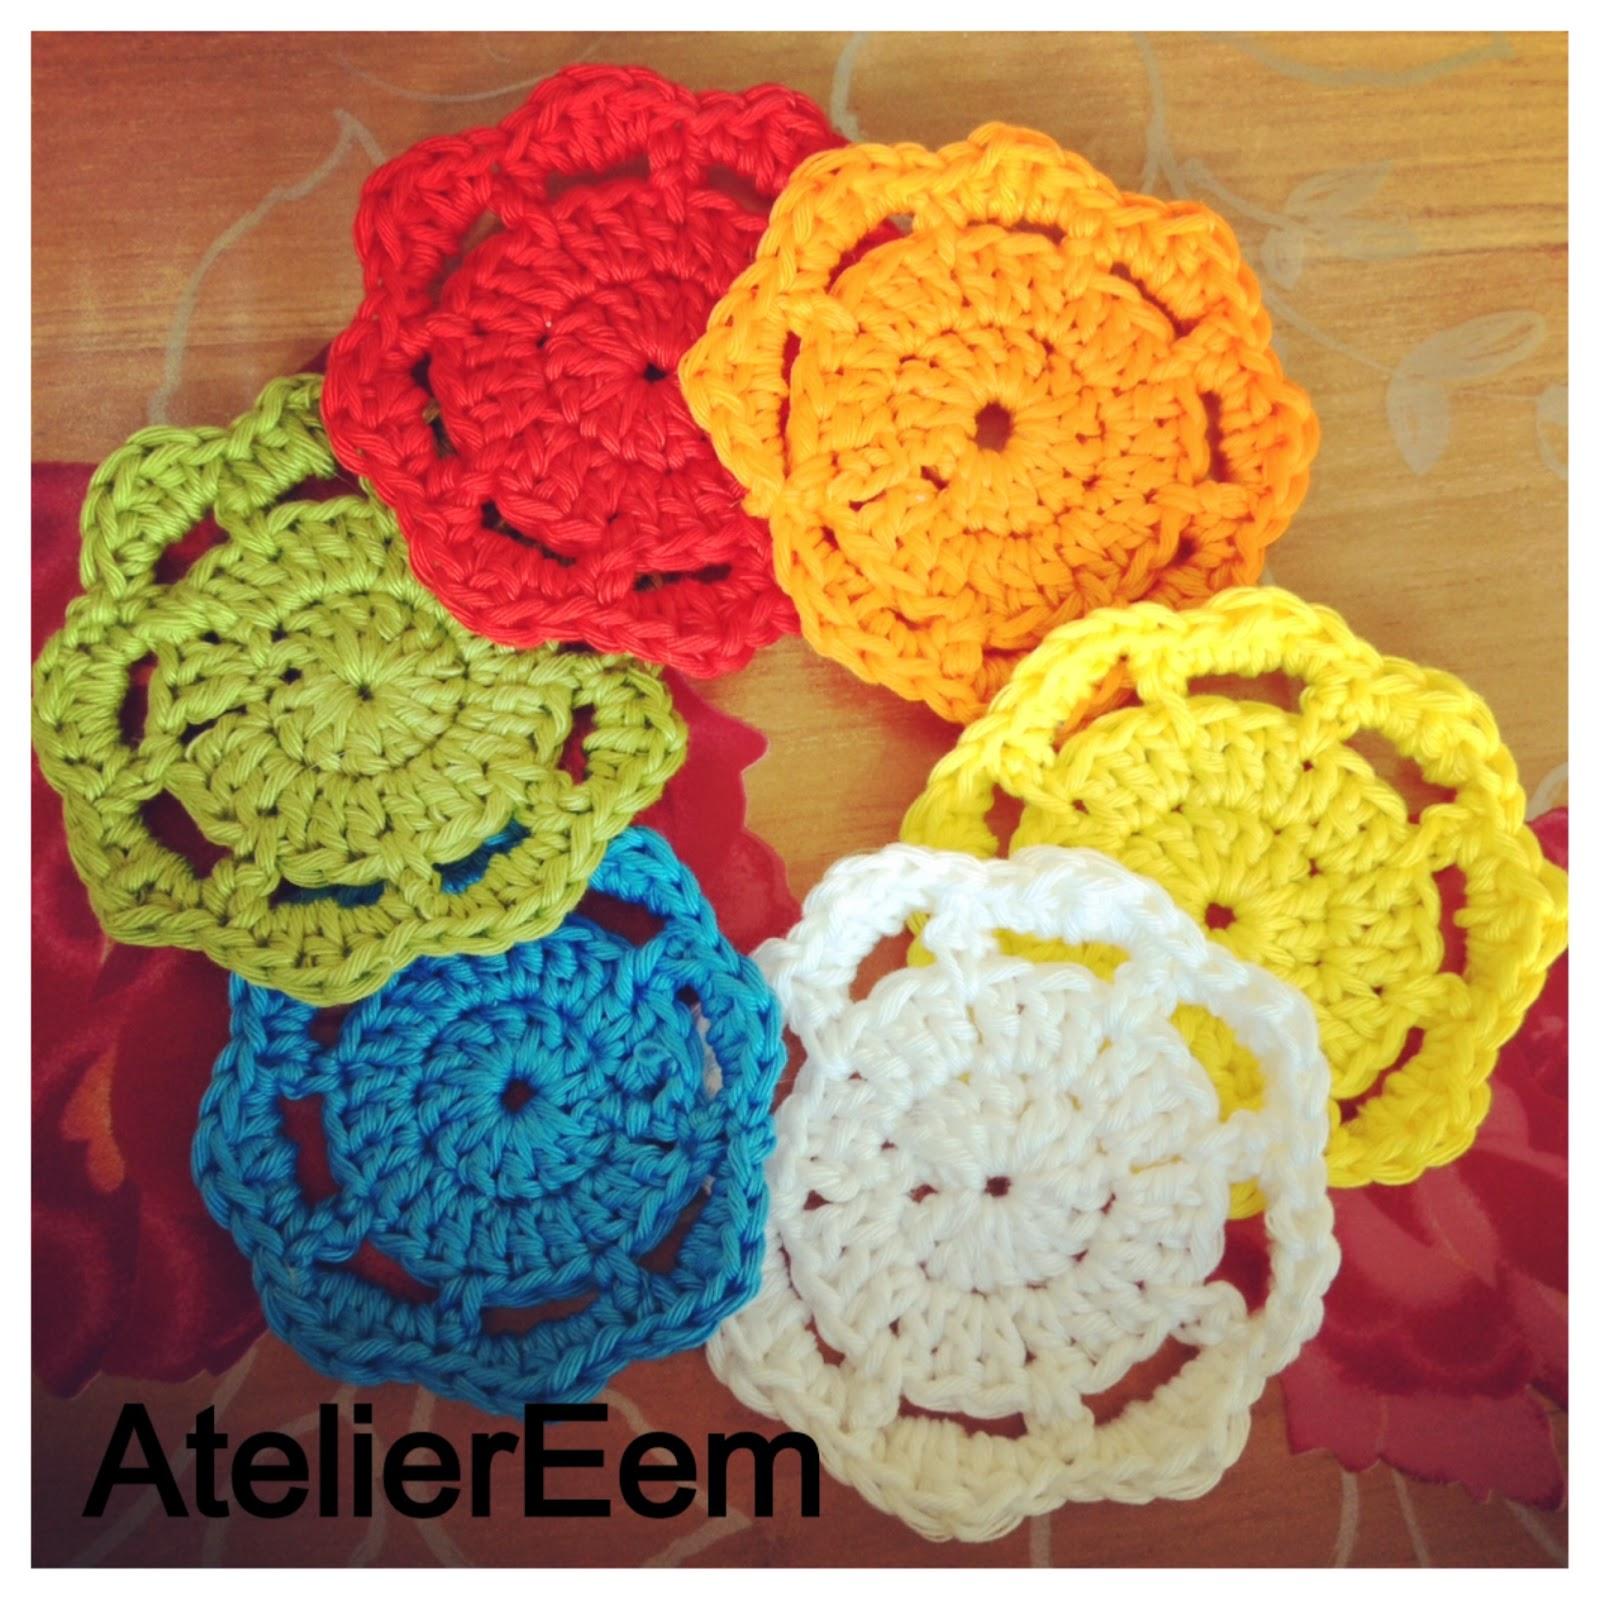 Atelier Eem Patroon Voor Gehaakte Bloem Onderzetter Crochet